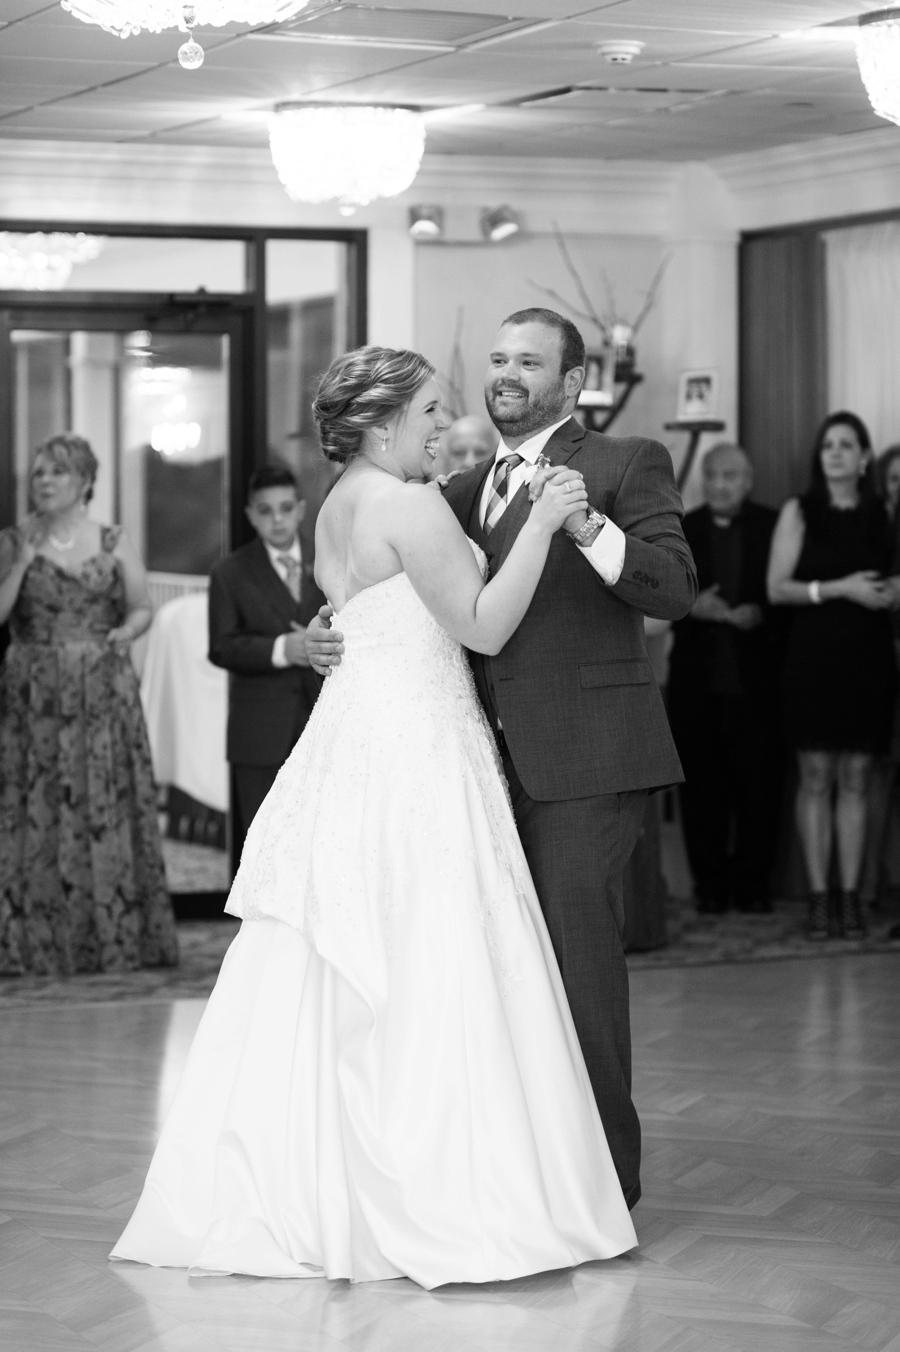 RKP_New_York_Wedding_CRJM_023.jpg